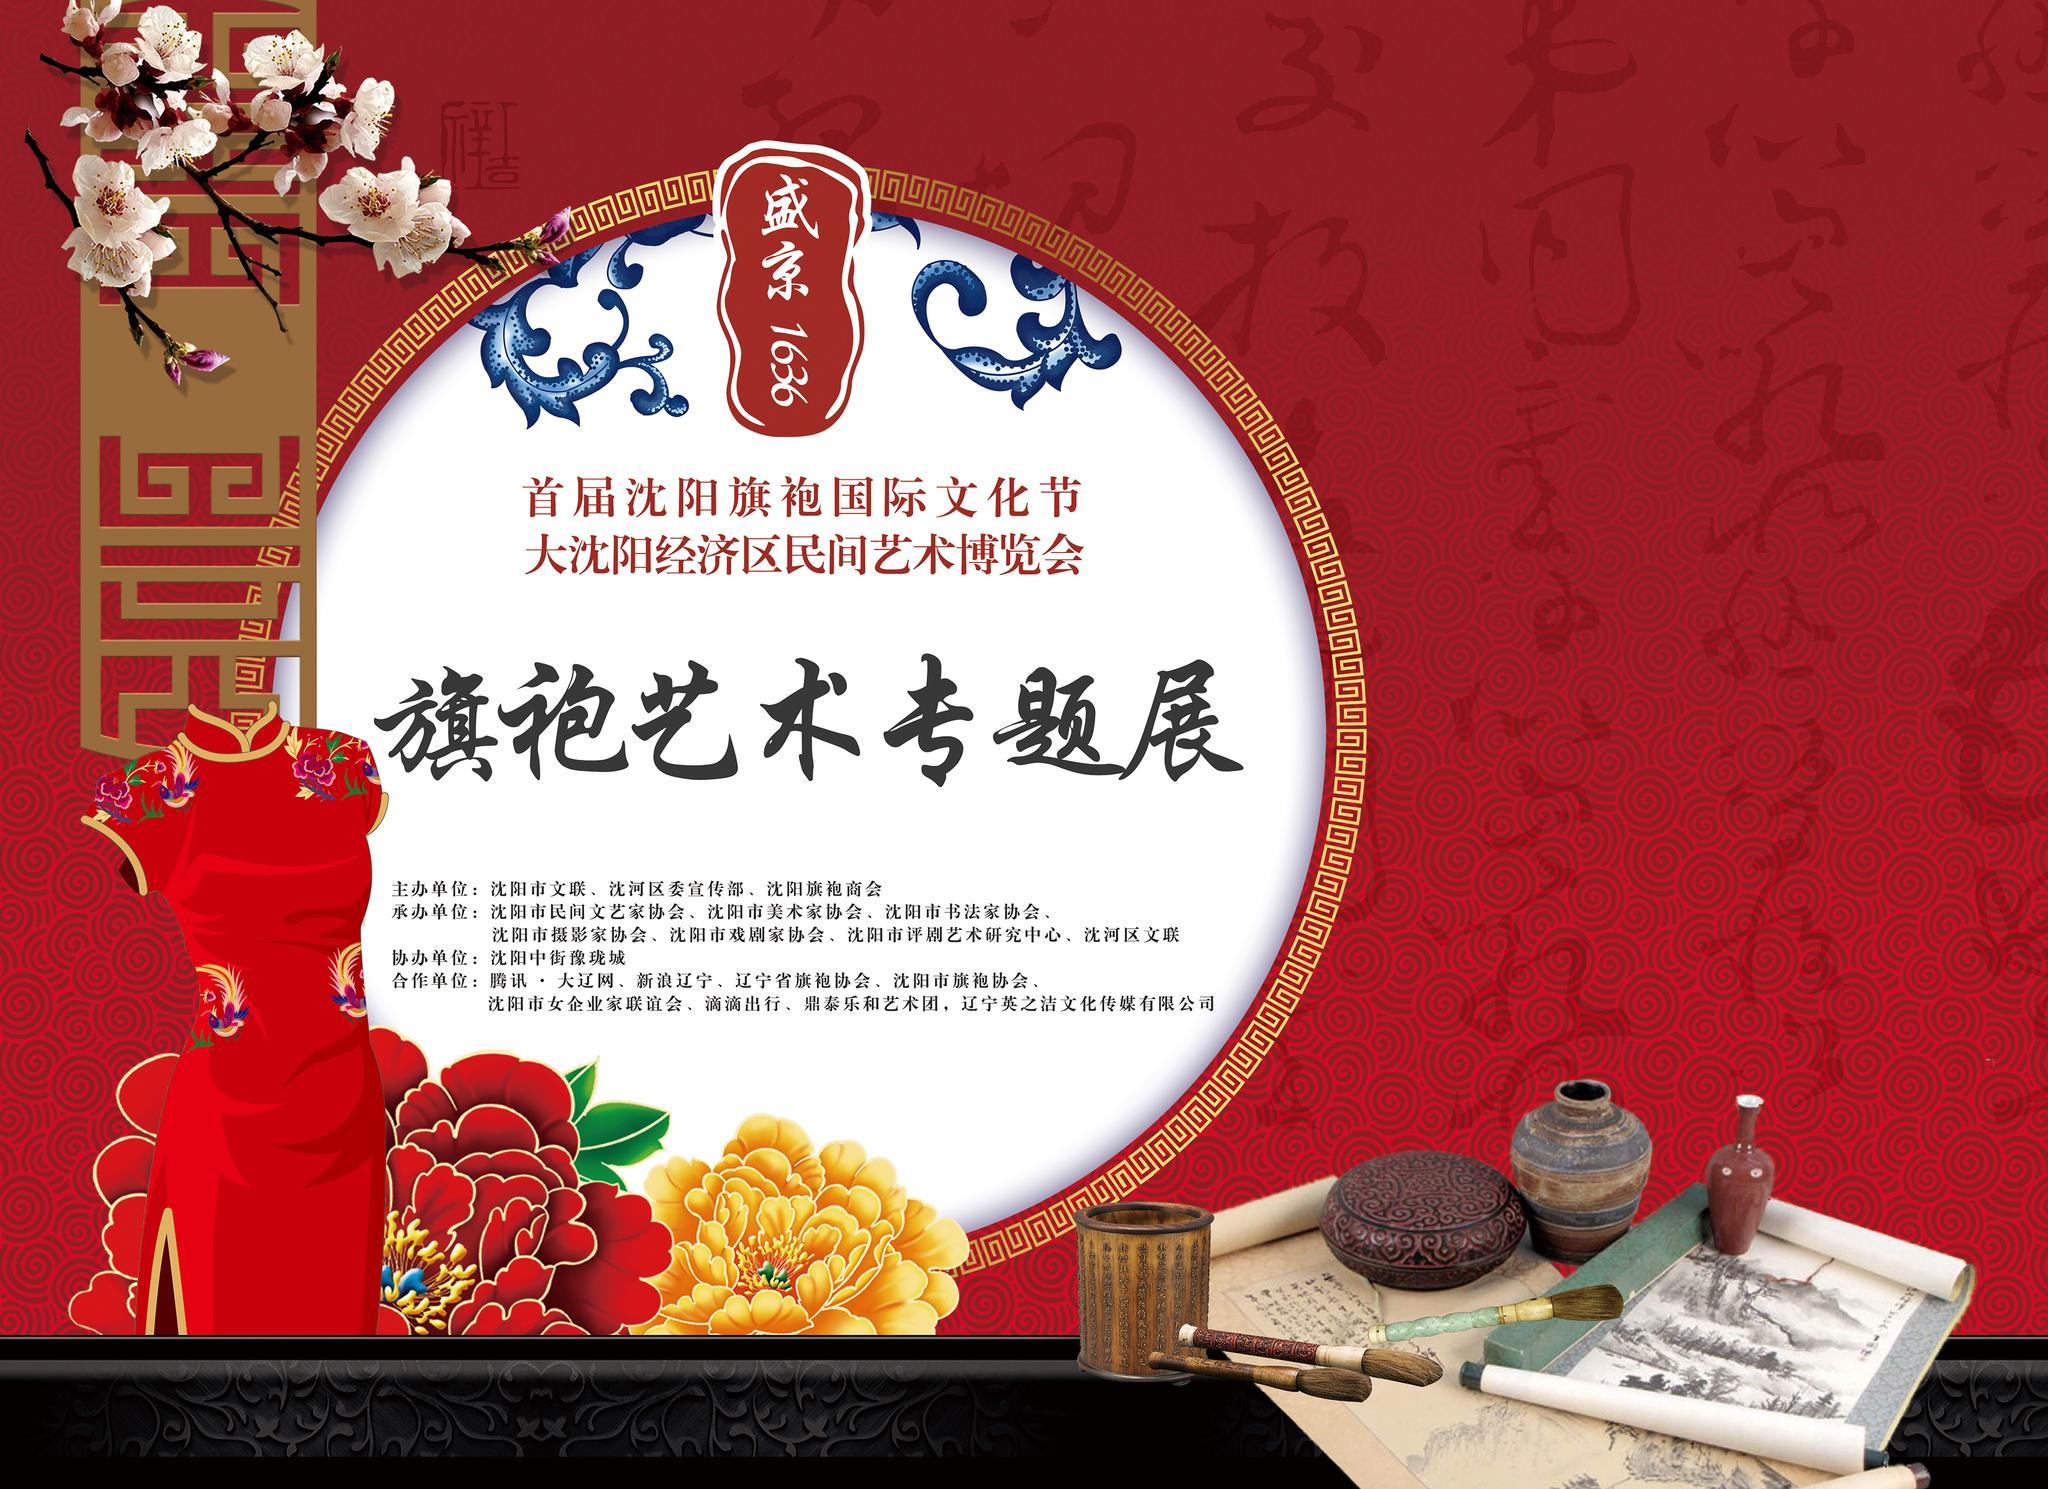 沈阳旗袍国际文化节 共享旗袍盛宴领略盛京文化之美